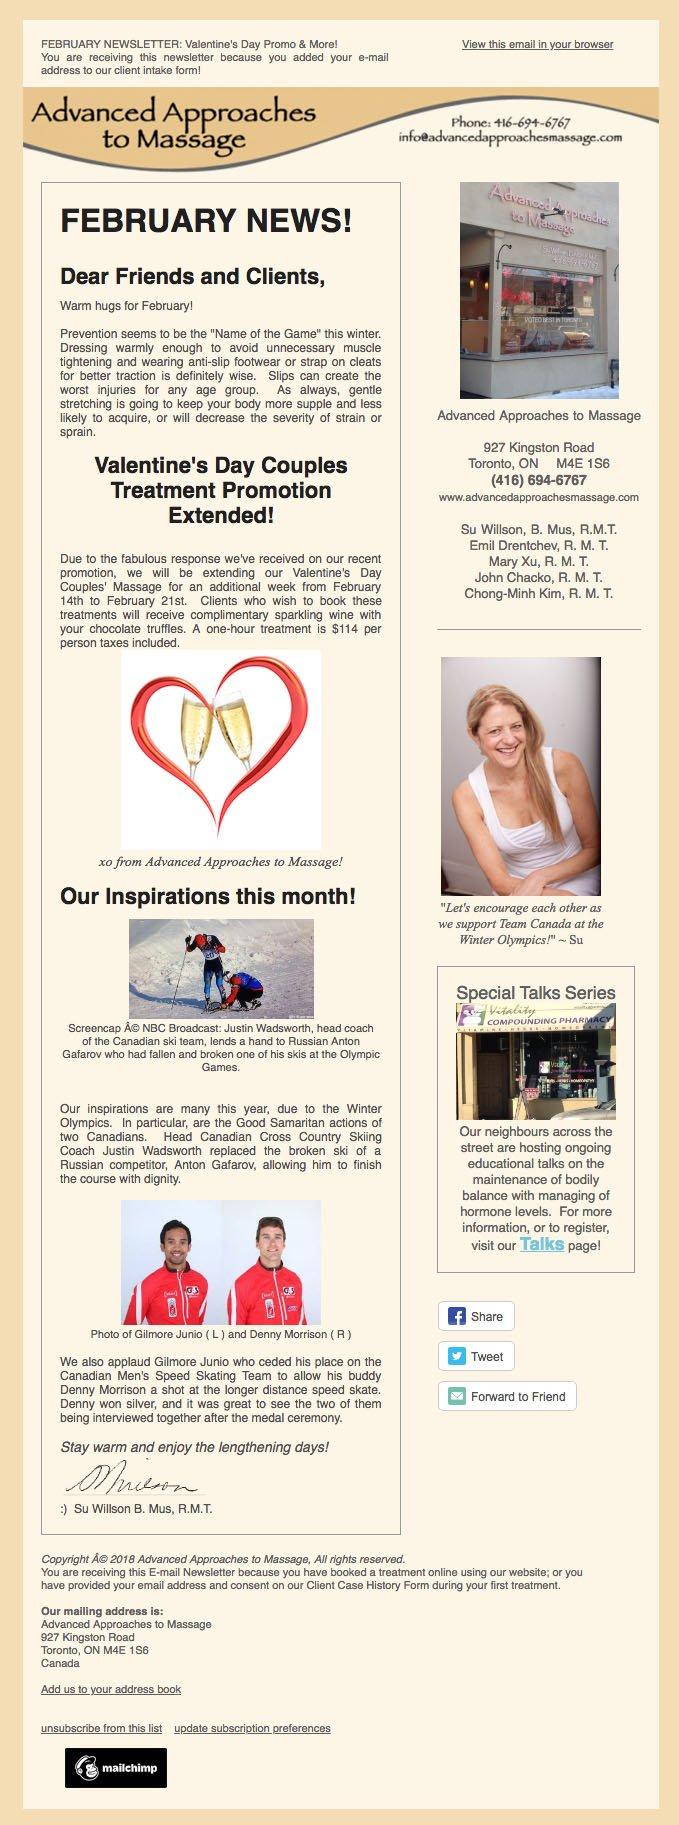 Newsletter-2014-02-12-Valentines-14